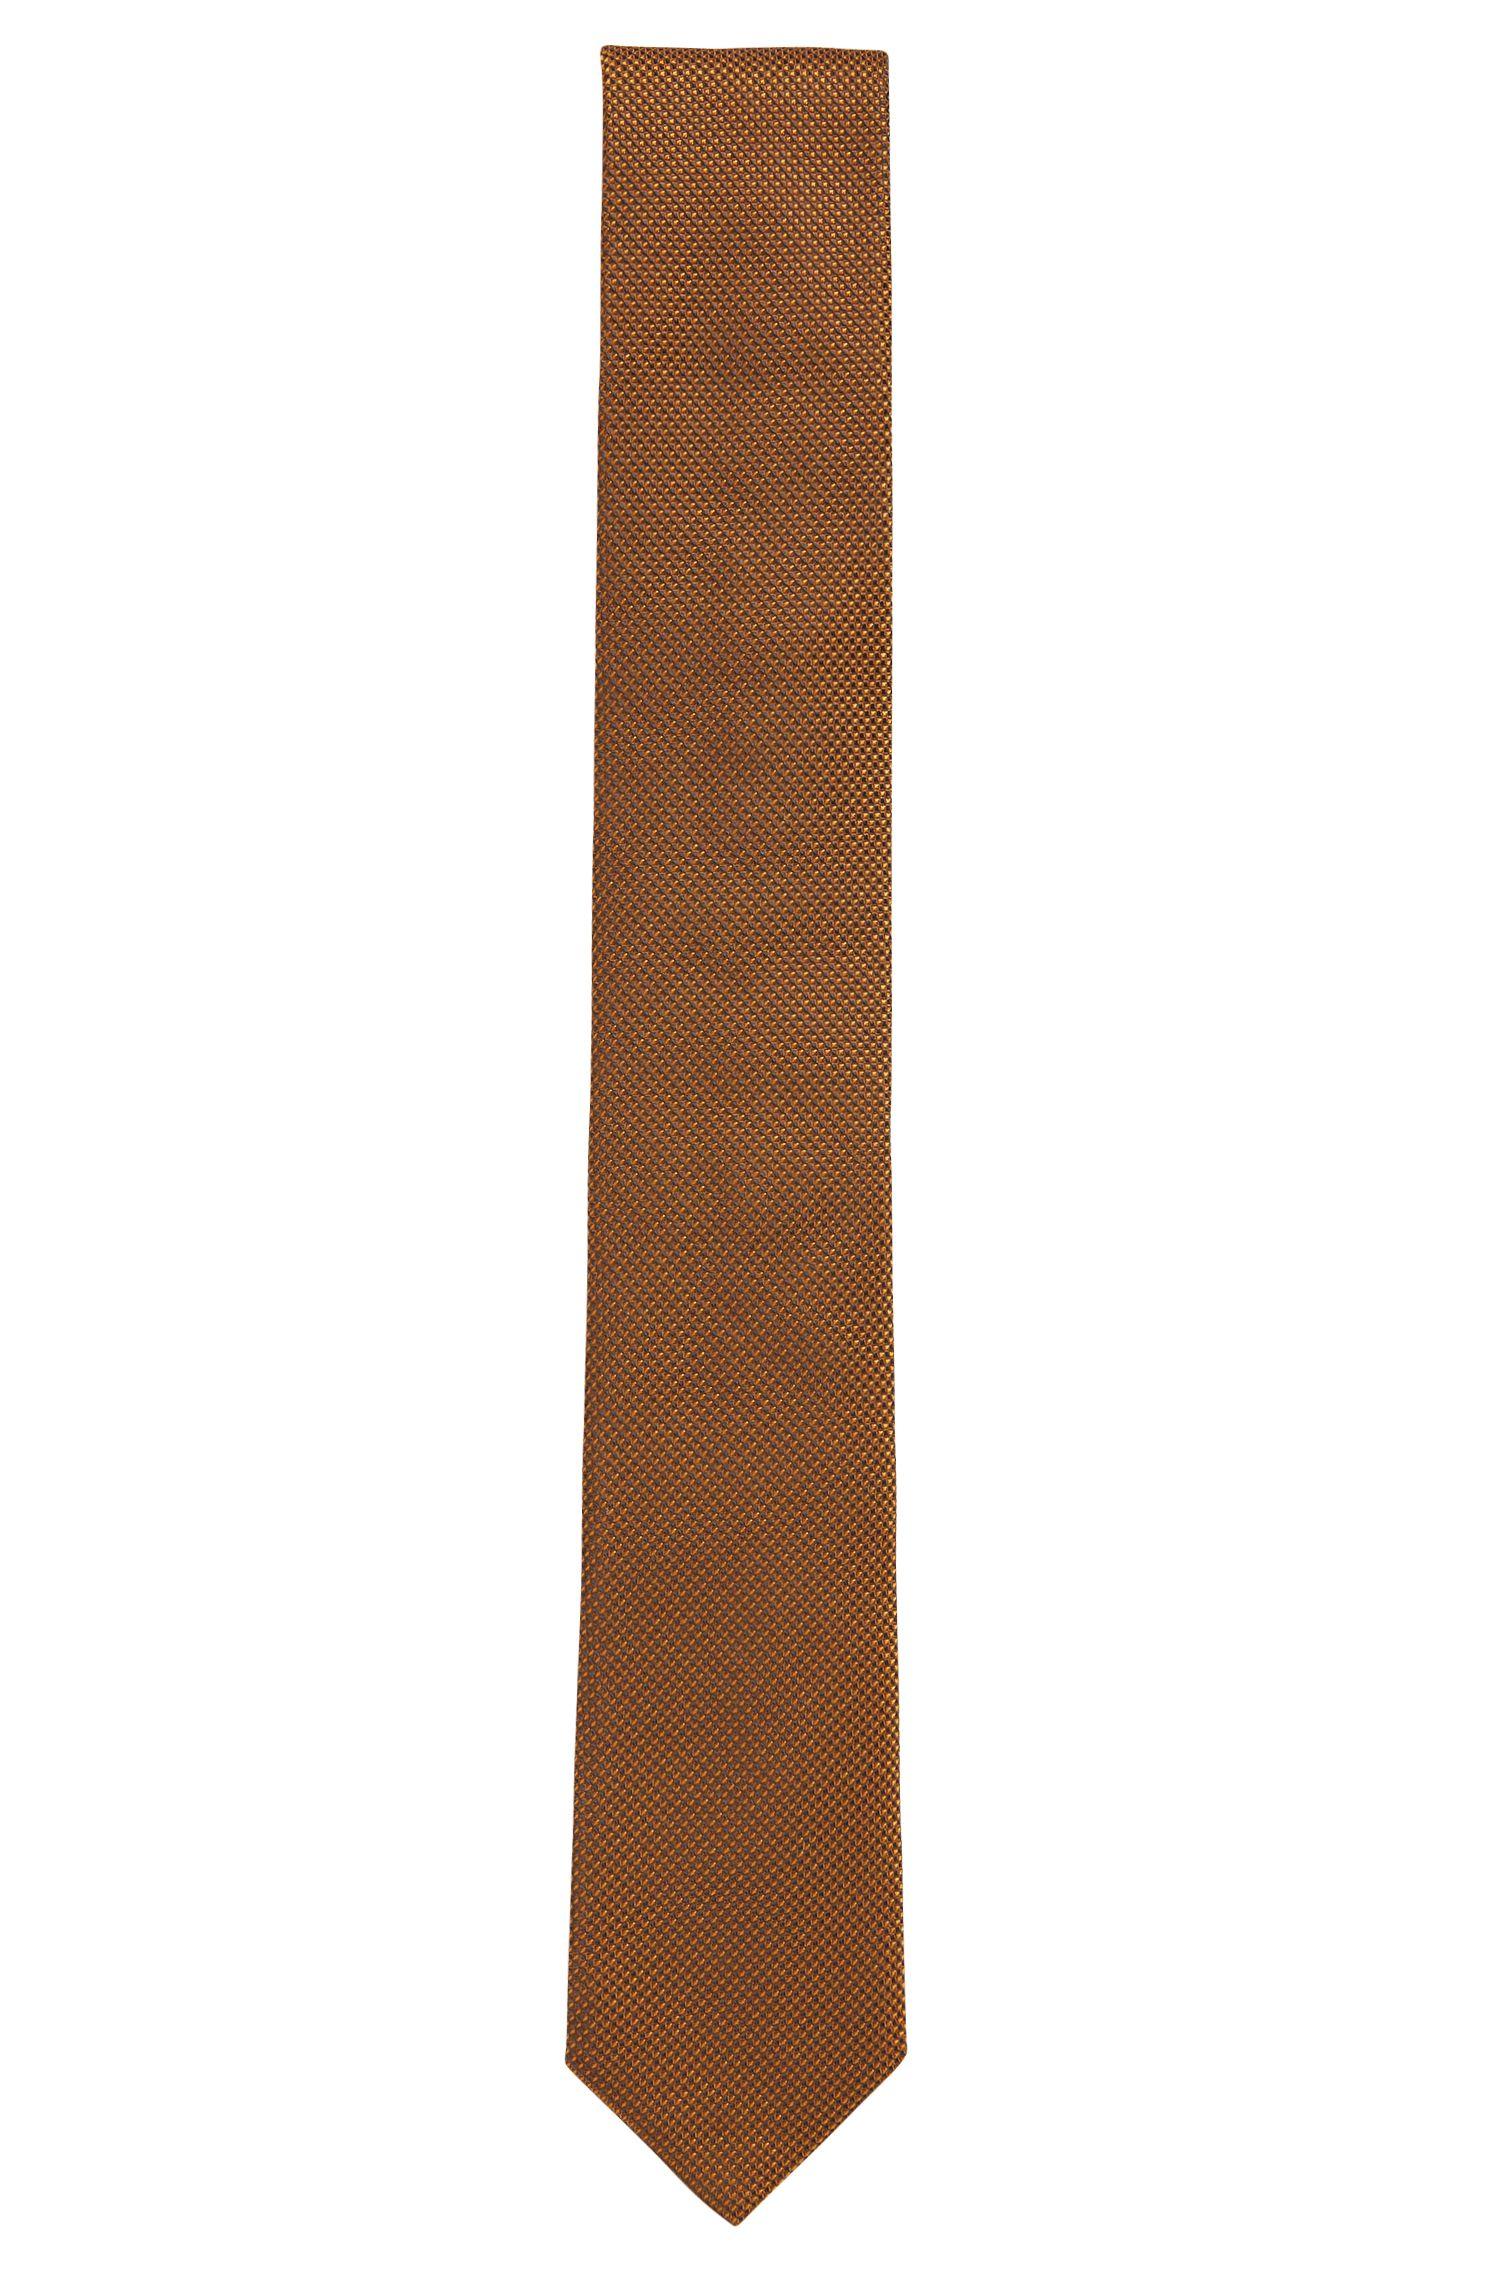 Cravate en jacquard de soie confectionnée en Italie, Jaune foncé